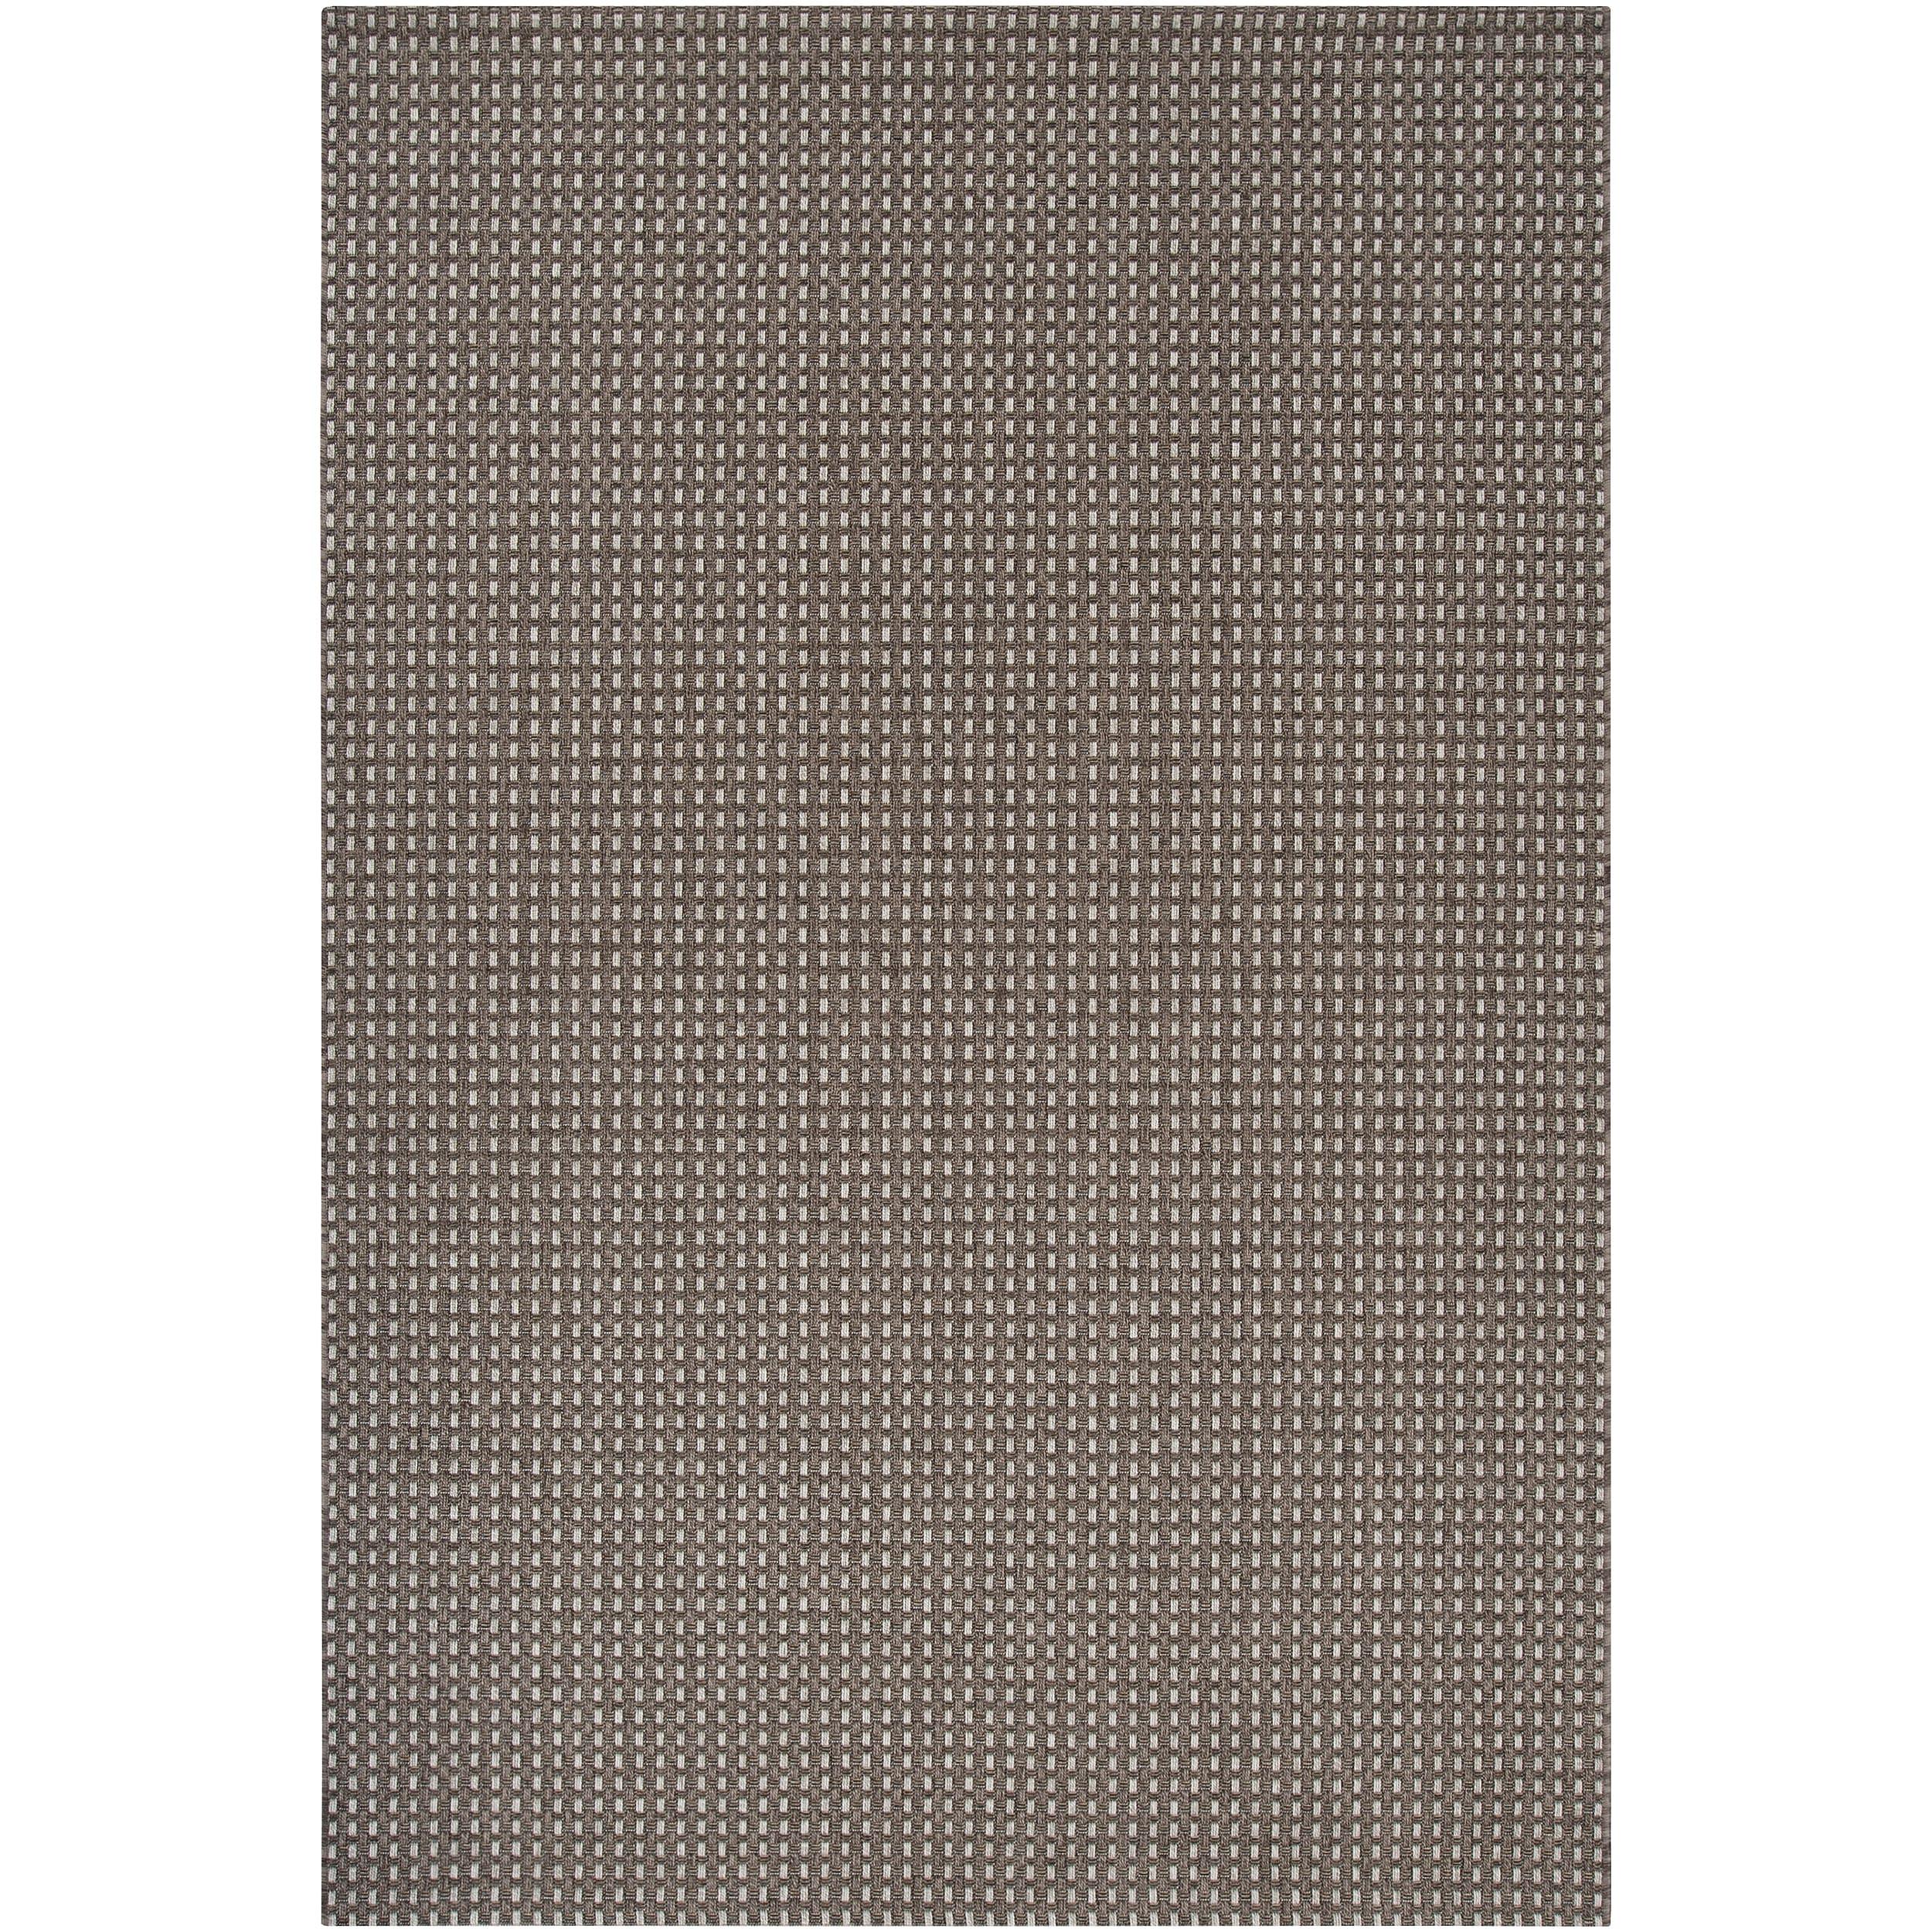 Woven Javane Cream Indoor/Outdoor Area Rug (7'10 x 11'1)